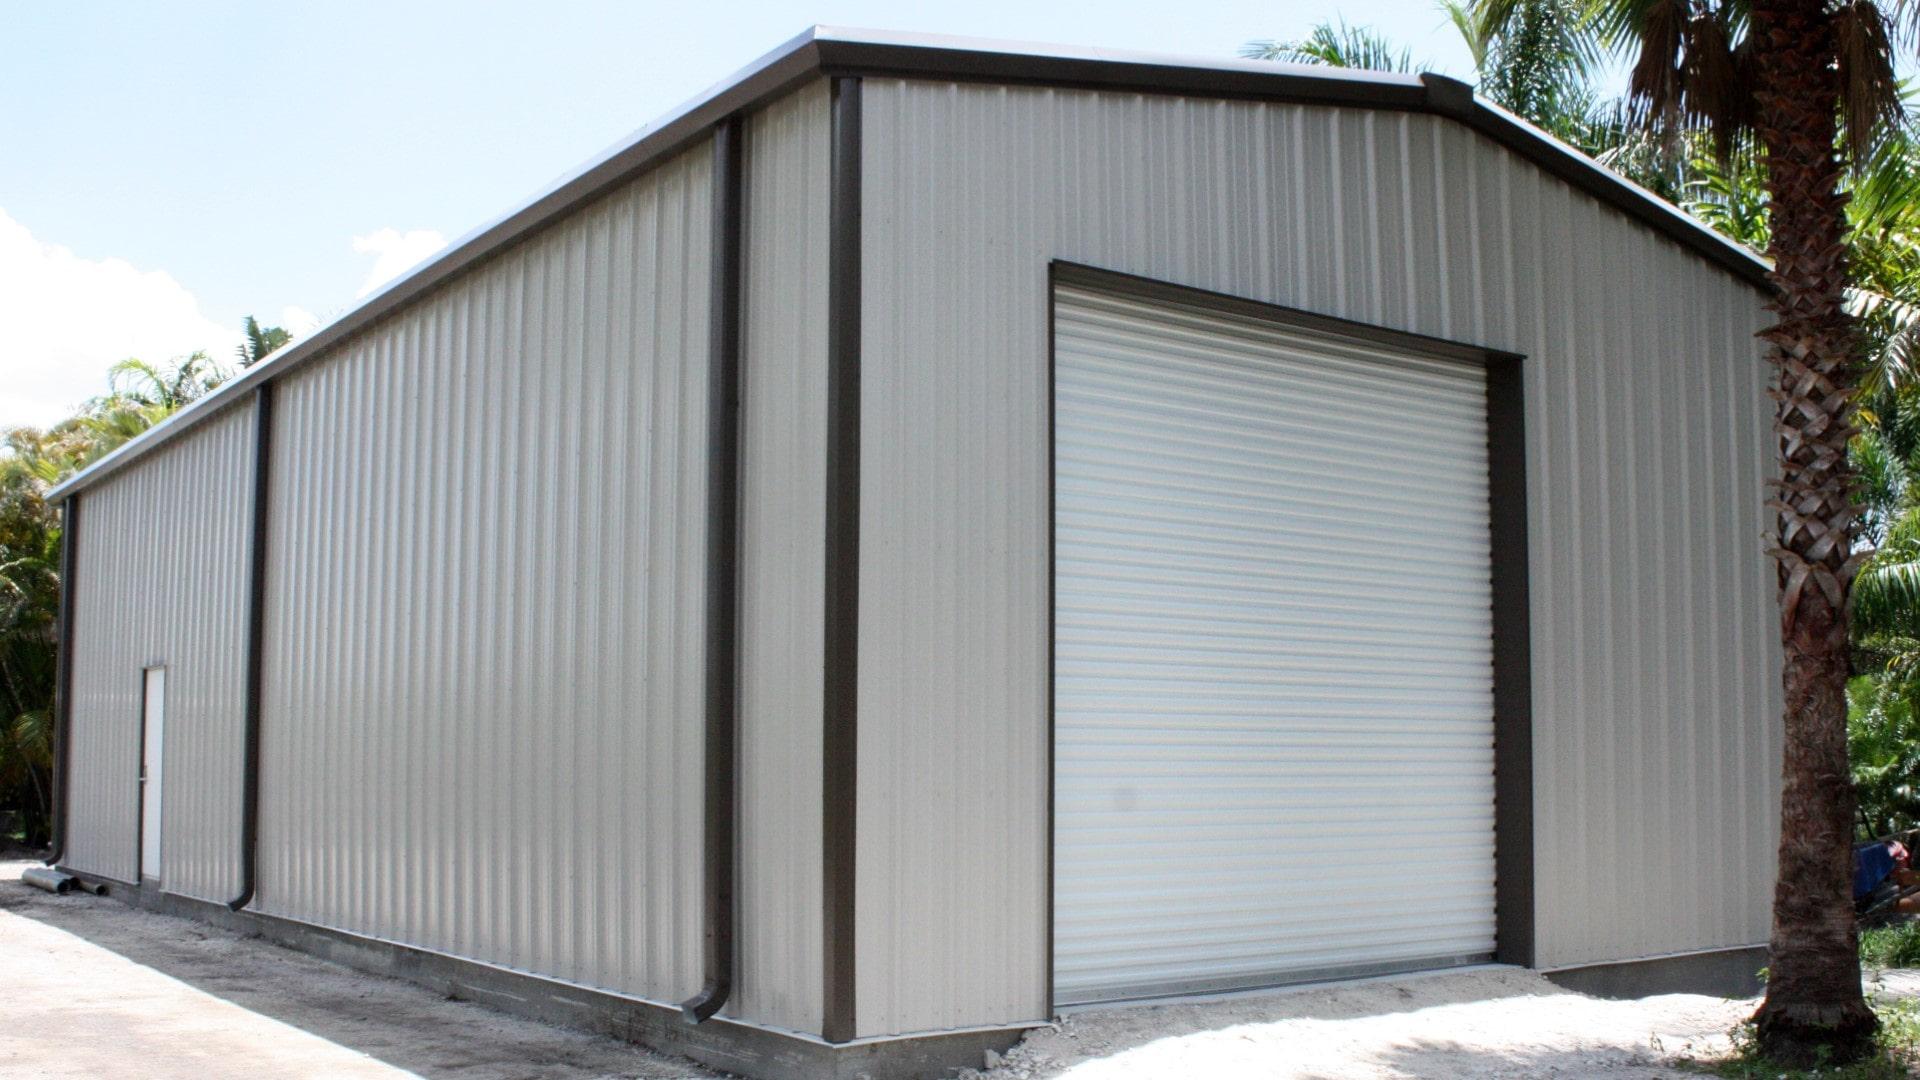 RV storage steel building kit with brown trim, walk door, and large rollup door.